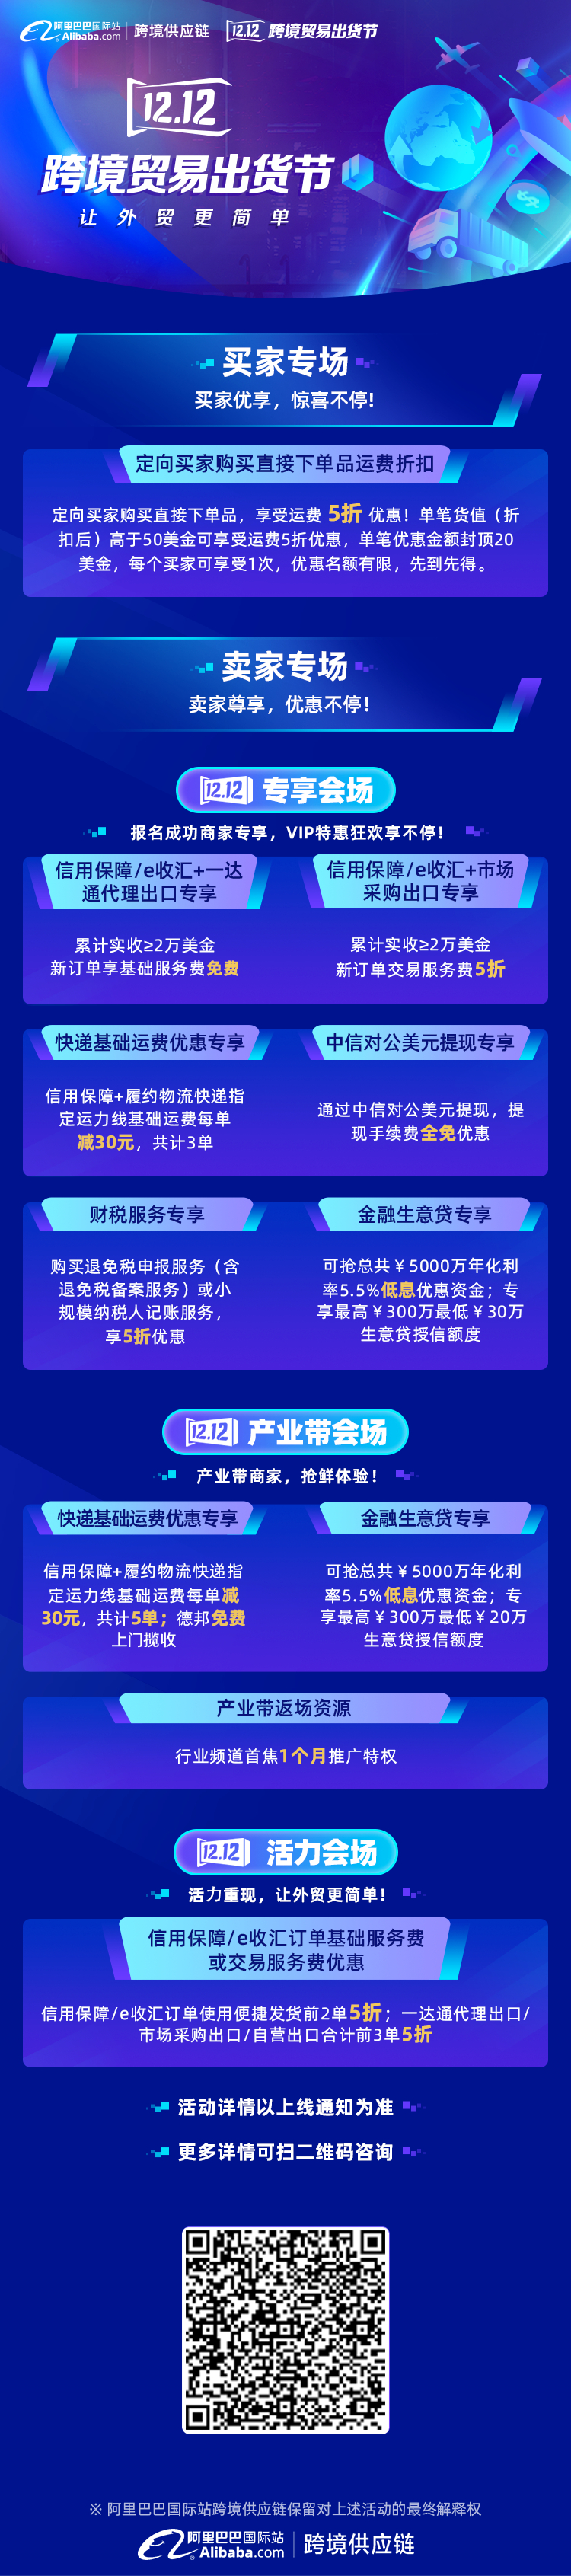 杭州炫豆網絡科技|12.12跨境貿易出貨...